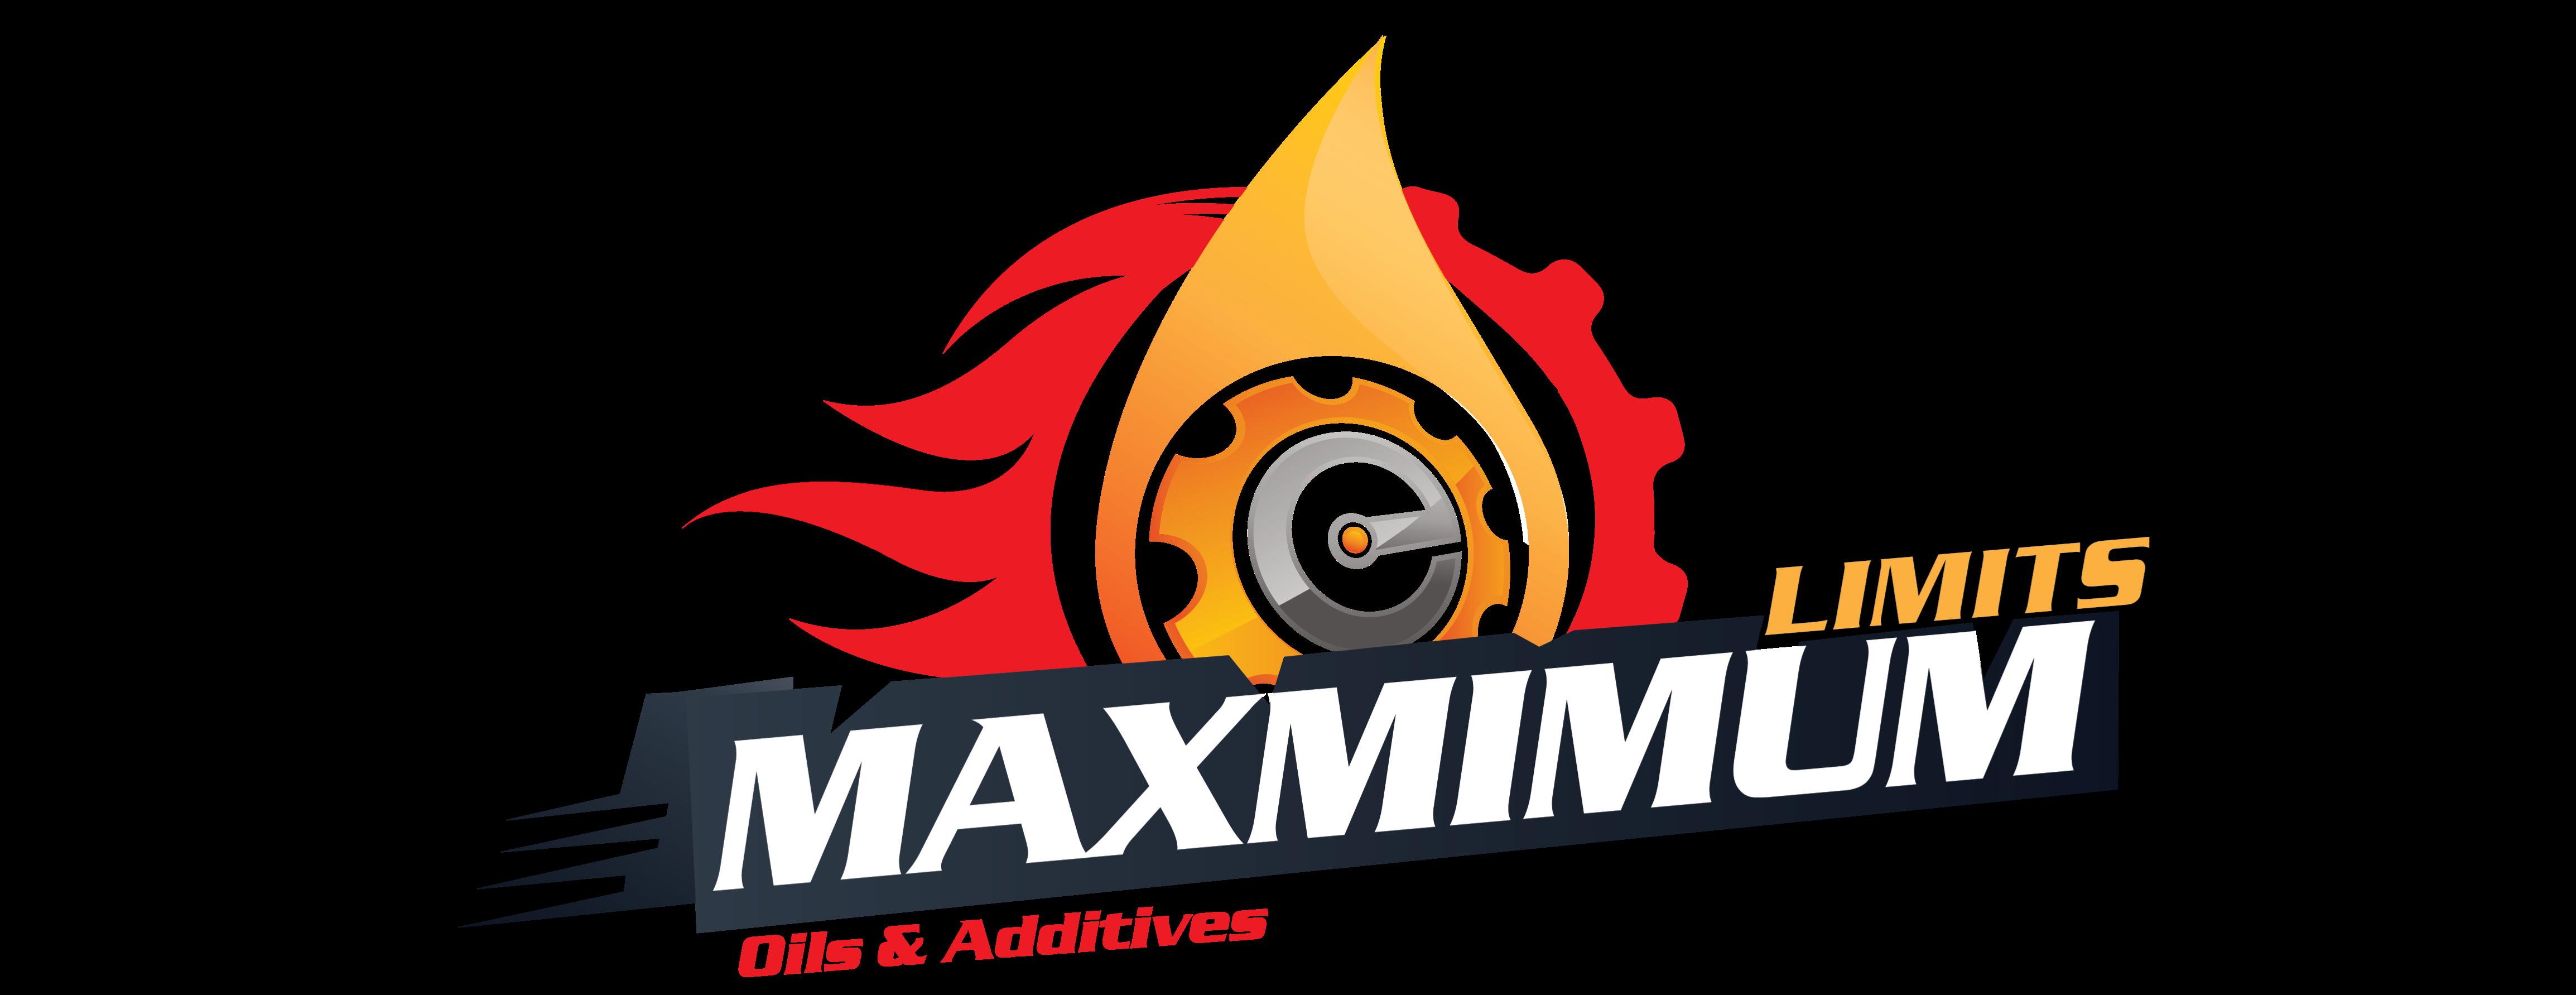 الحدود القصوى | MAXIMUMLIMITS